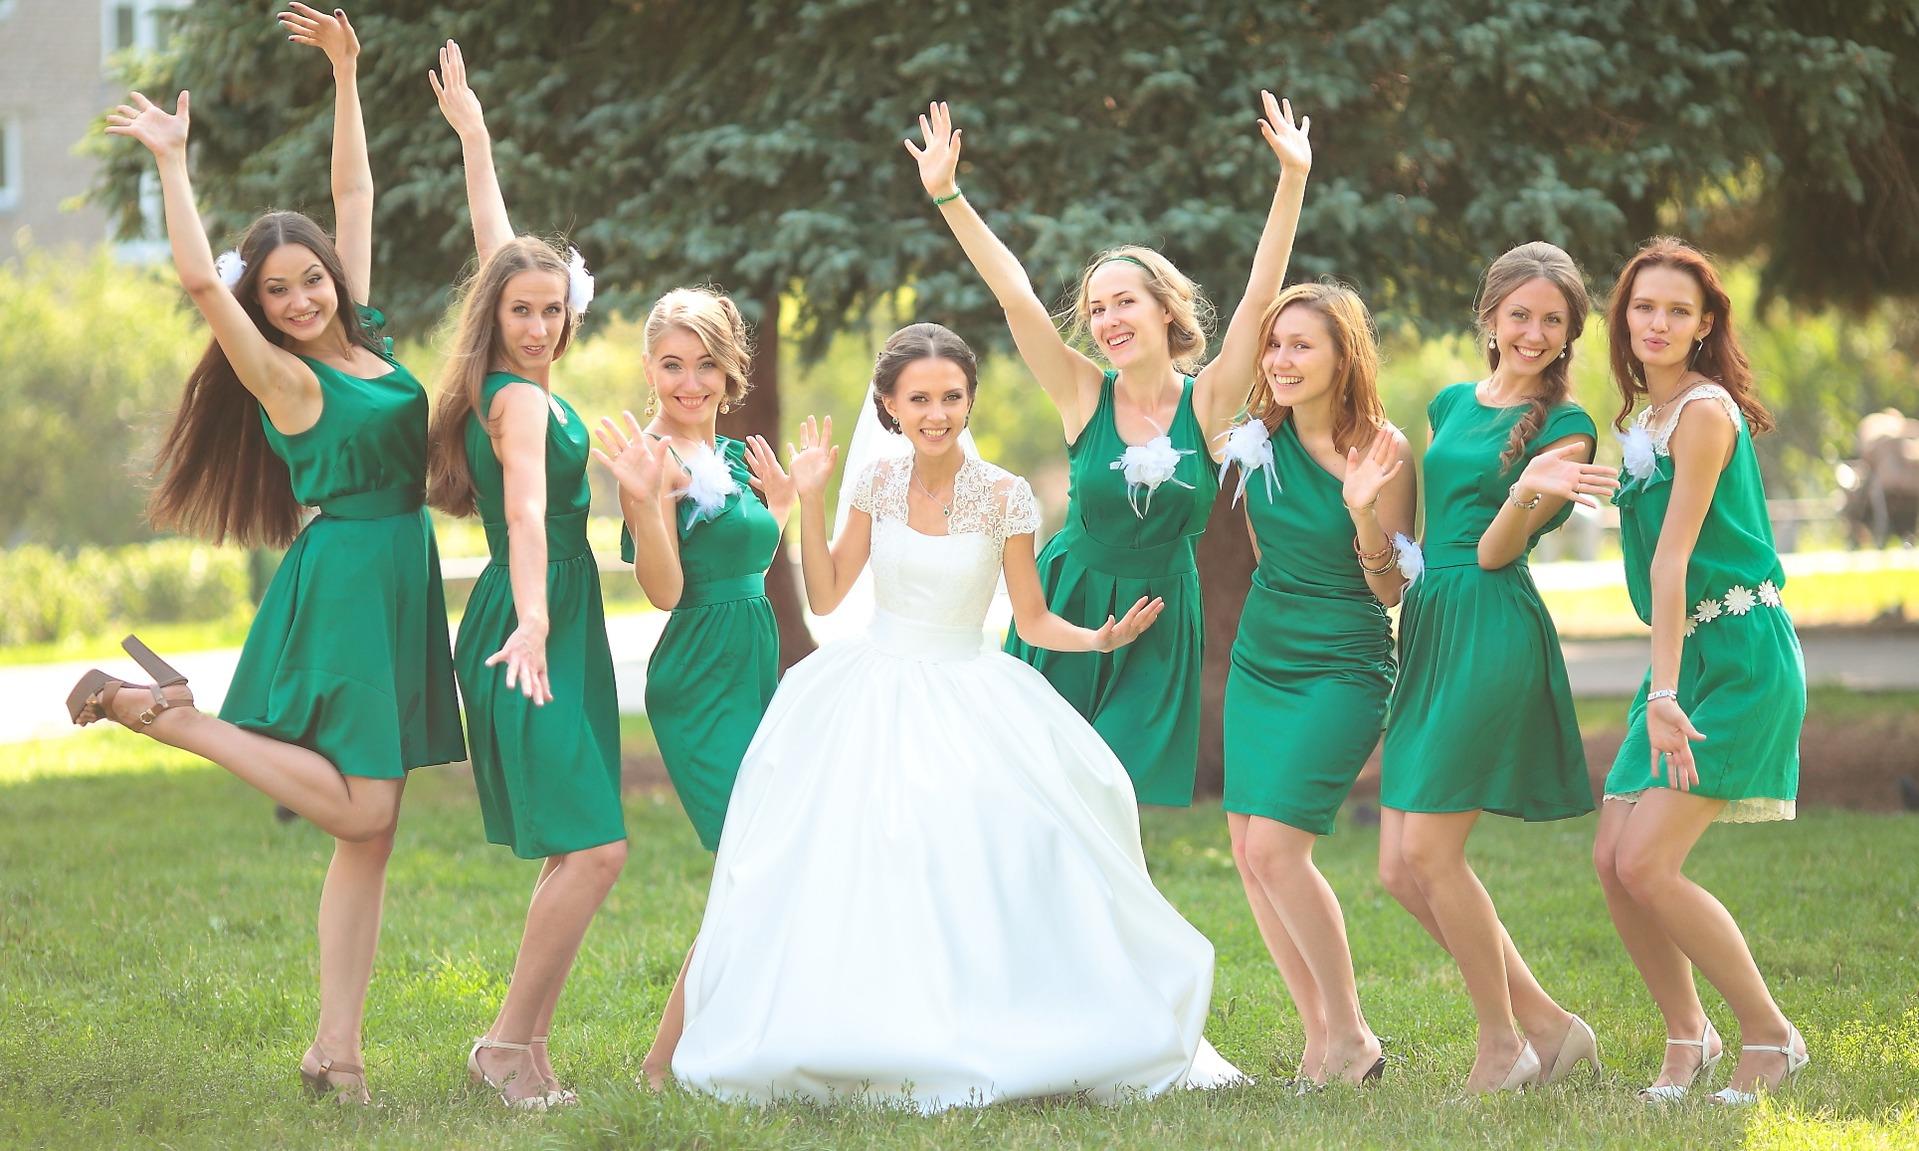 Как одеться на свадьбу гостям - правила выбора одежды для 84